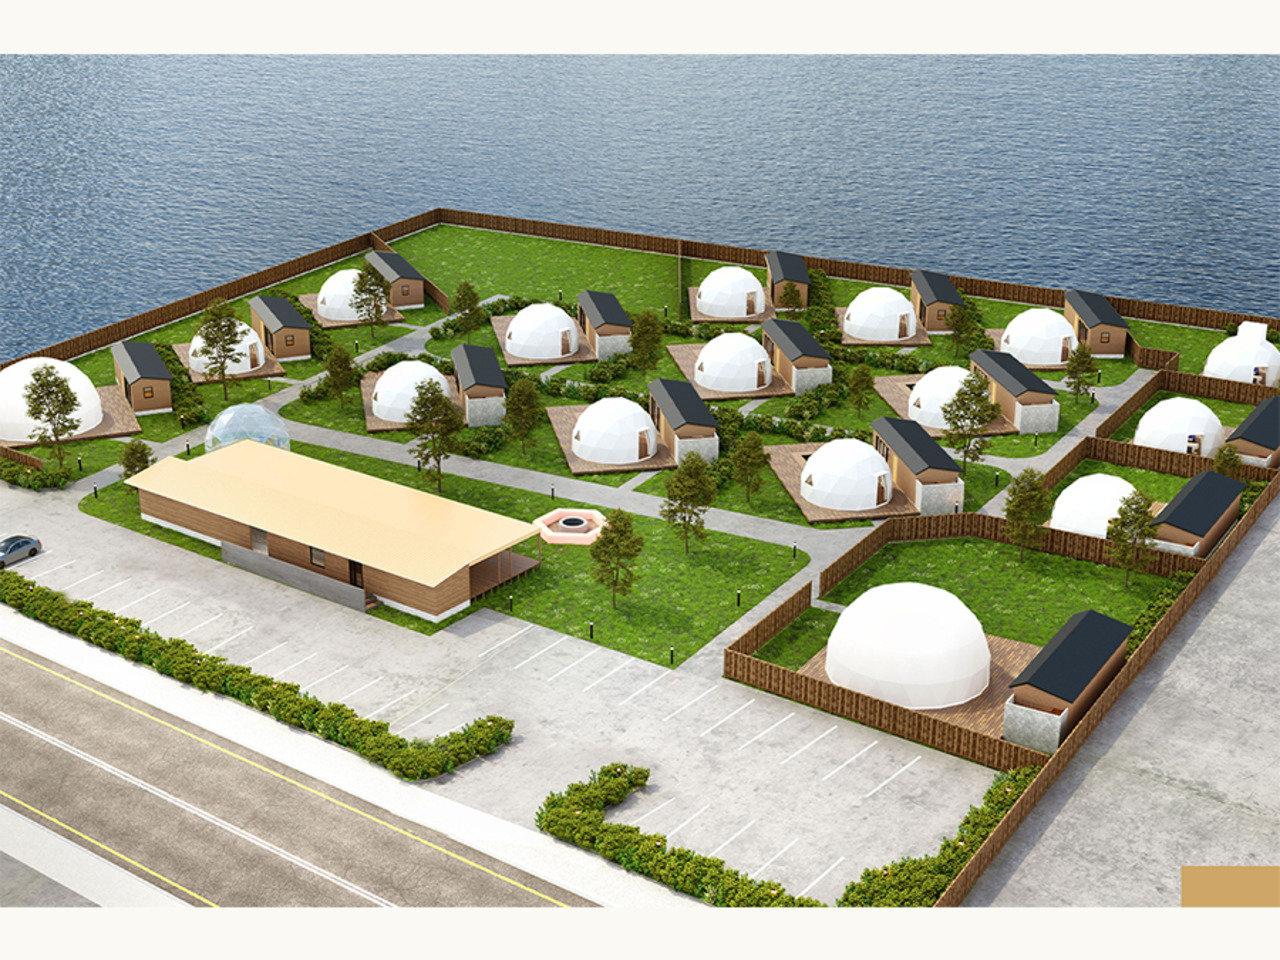 福岡に16棟のドーム型グランピング施設≪九州シーサイドグランピング